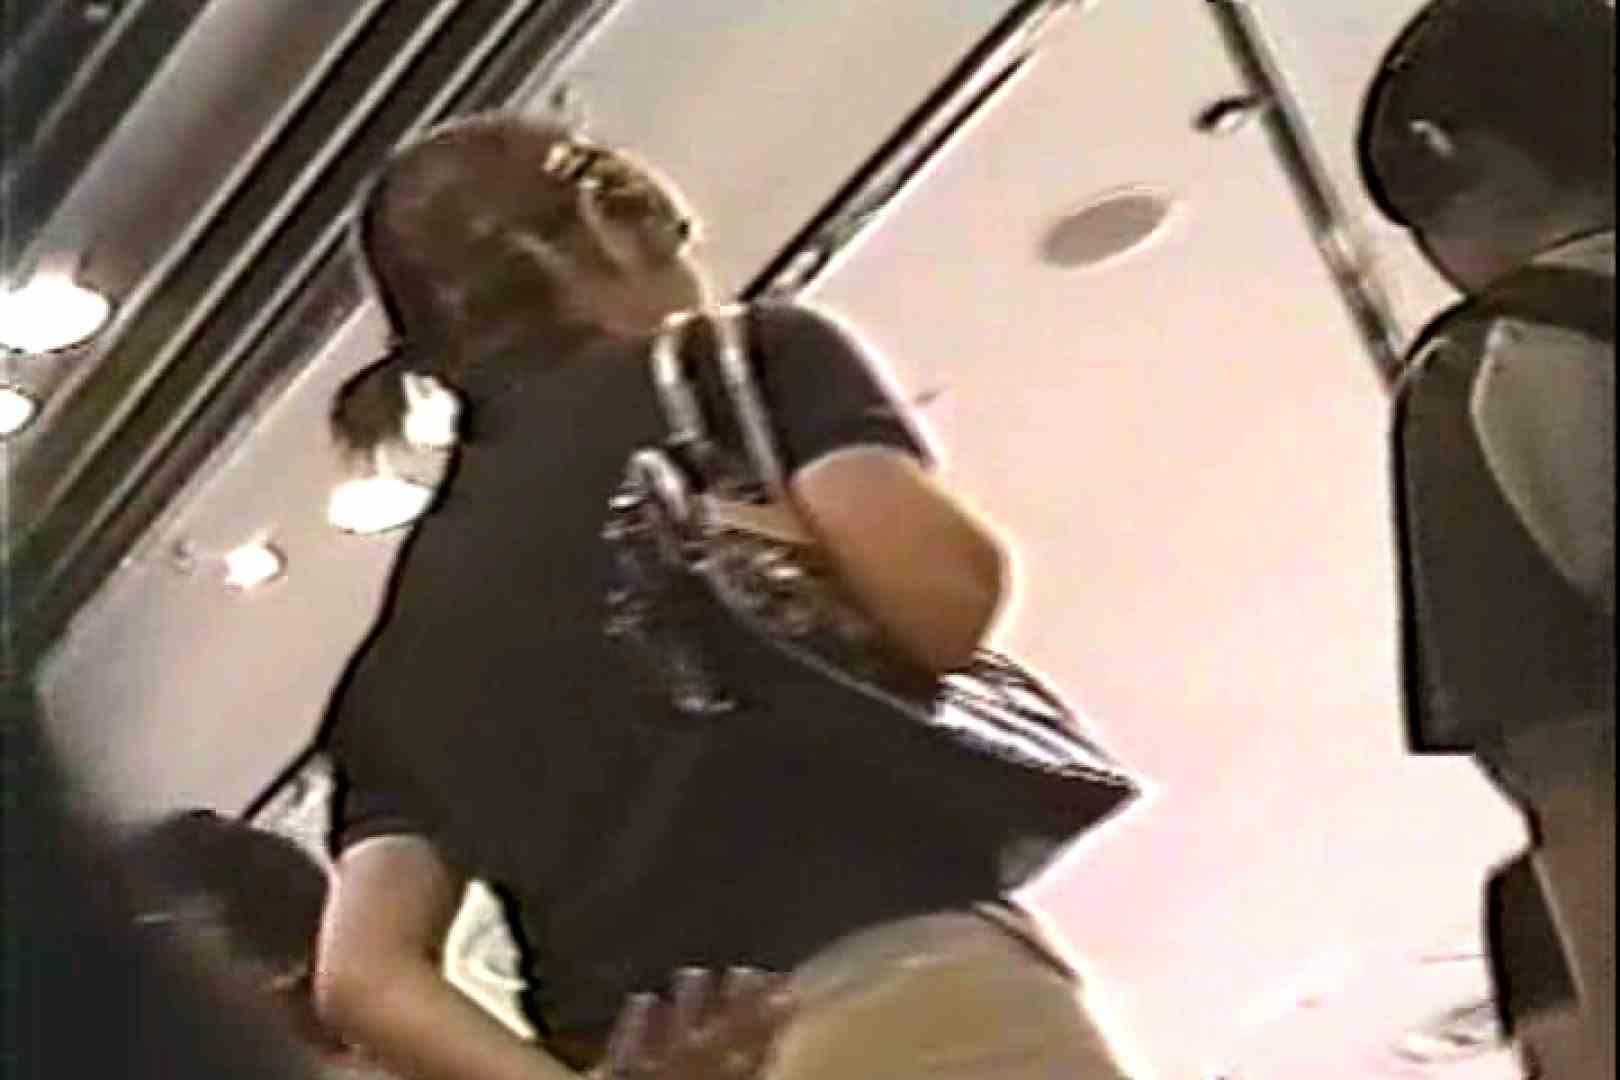 「ちくりん」さんのオリジナル未編集パンチラVol.6_01 盗撮特集 AV動画キャプチャ 73画像 55